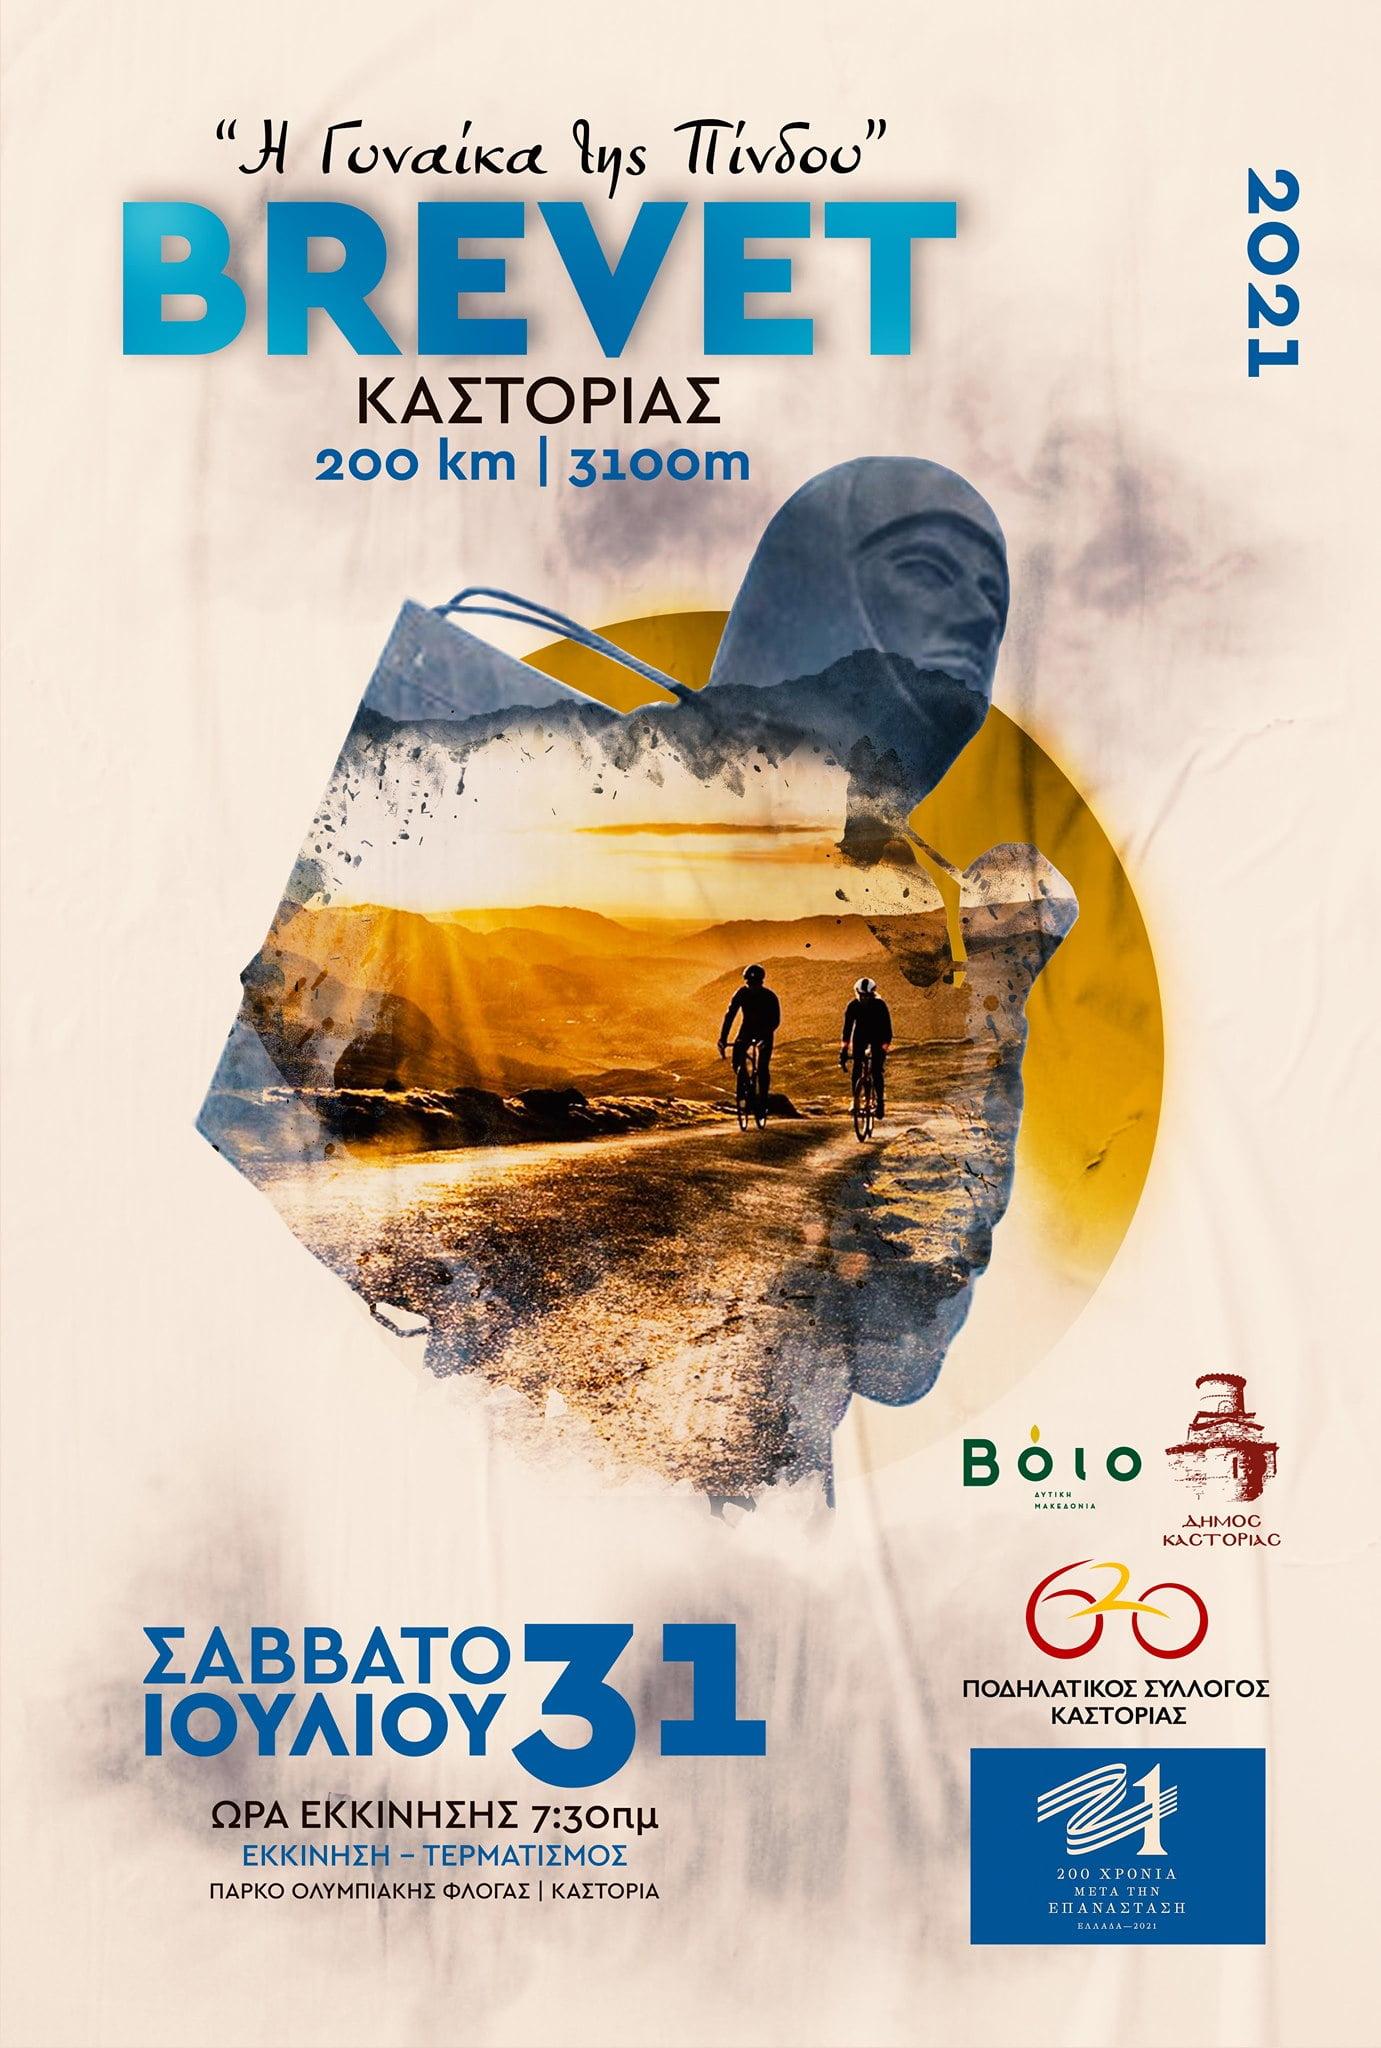 Ο Δήμος Βοΐου συνδιοργανώνει με τον Ποδηλατικό Σύλλογο Καστοριάς την ποδηλατική εκδήλωση «Η Γυναίκα Της Πίνδου», το Σάββατο 31 Ιουλίου